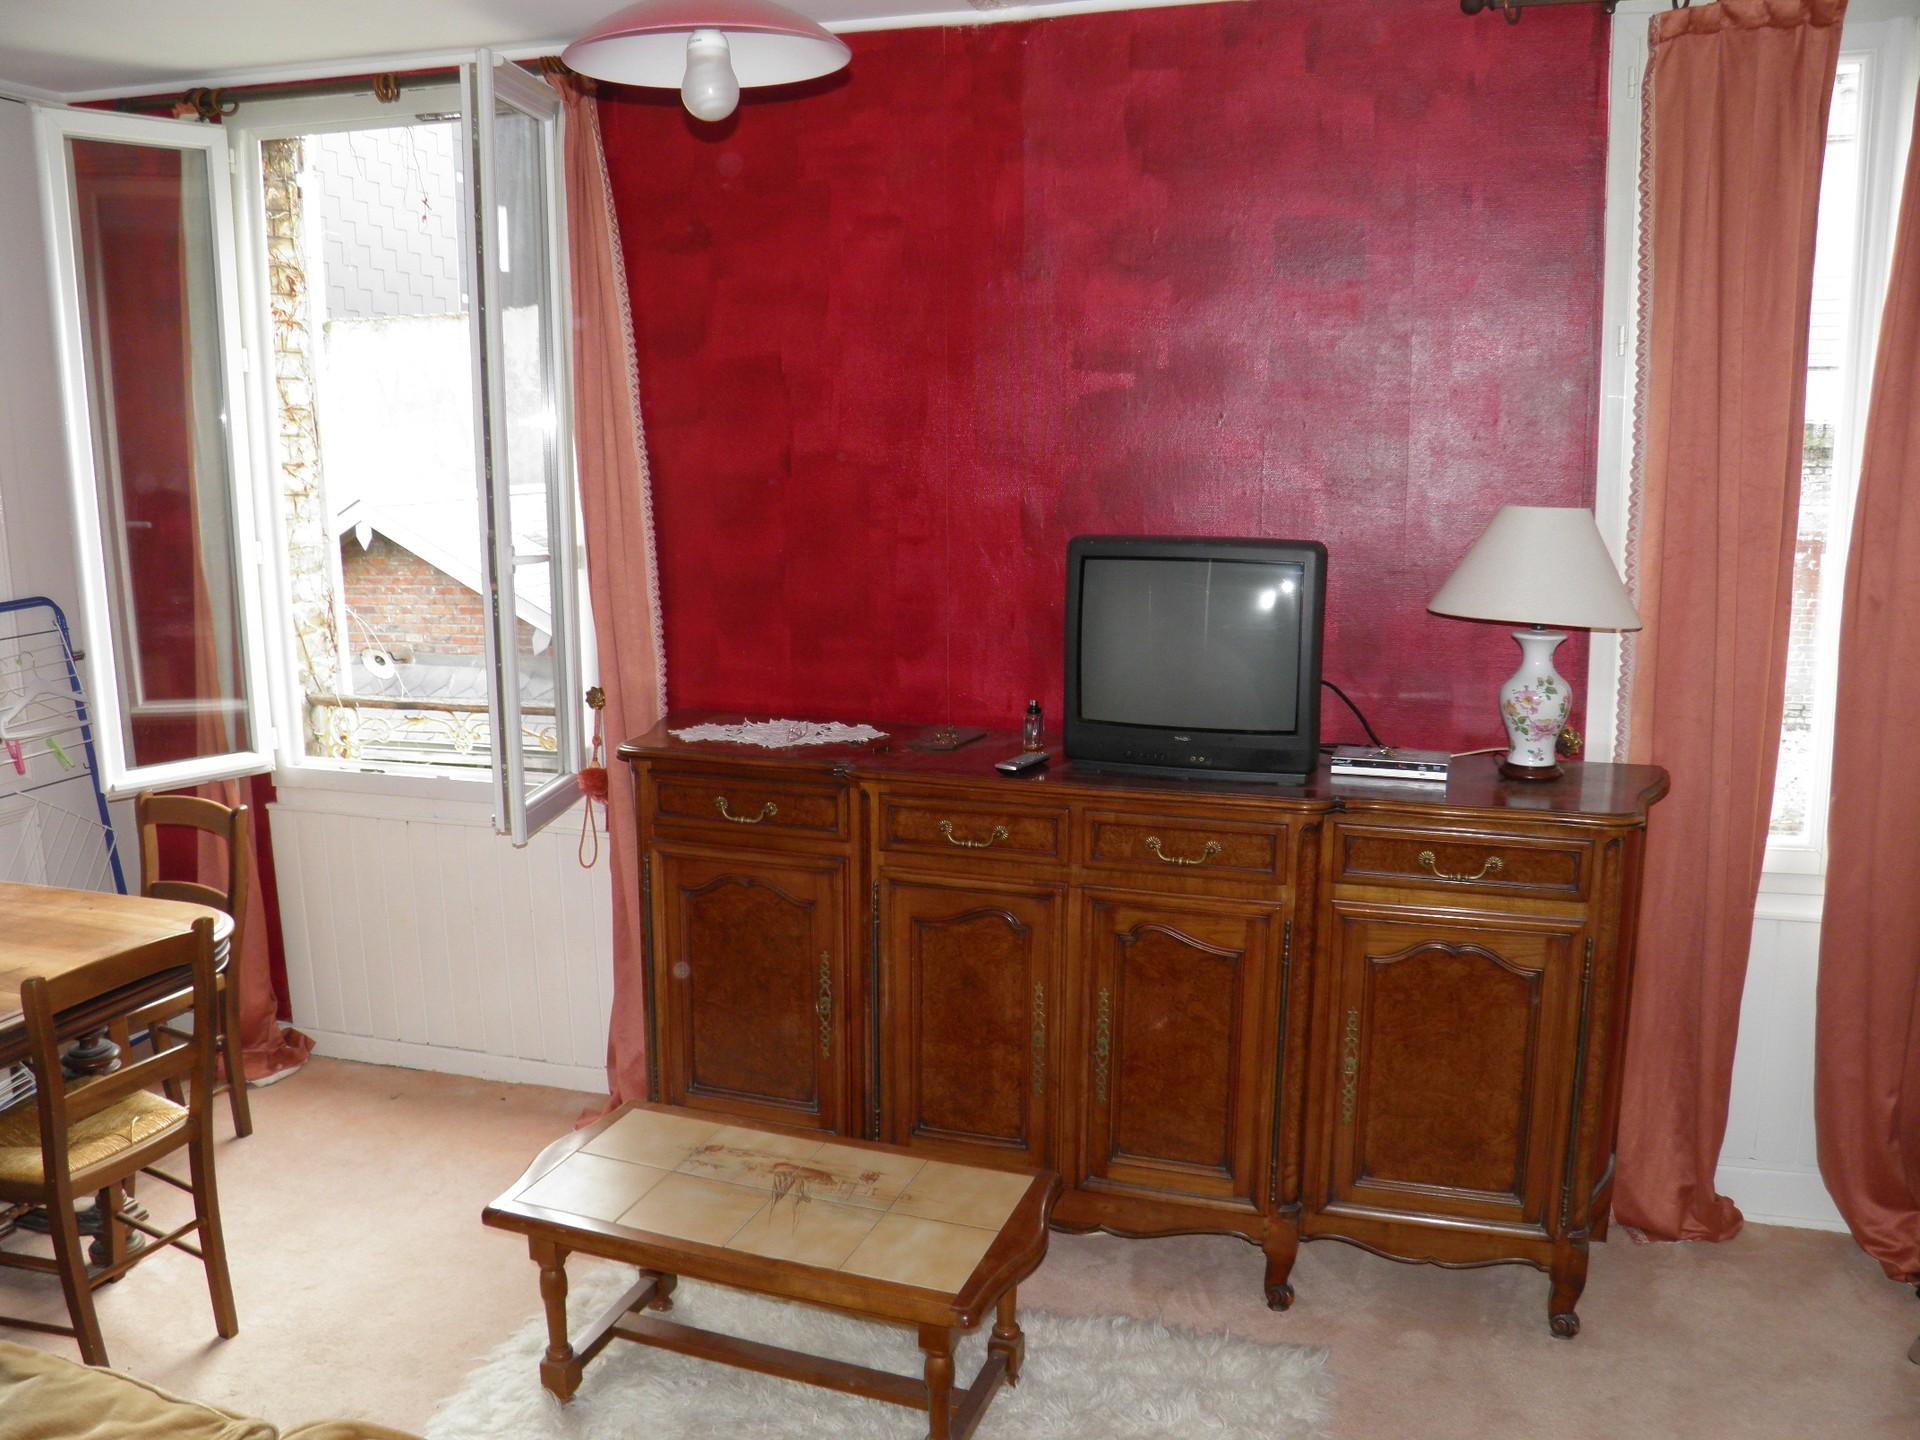 Meuble Four Plaque Induction apartment at 28 rue de neustrie, 76600 le havre, france